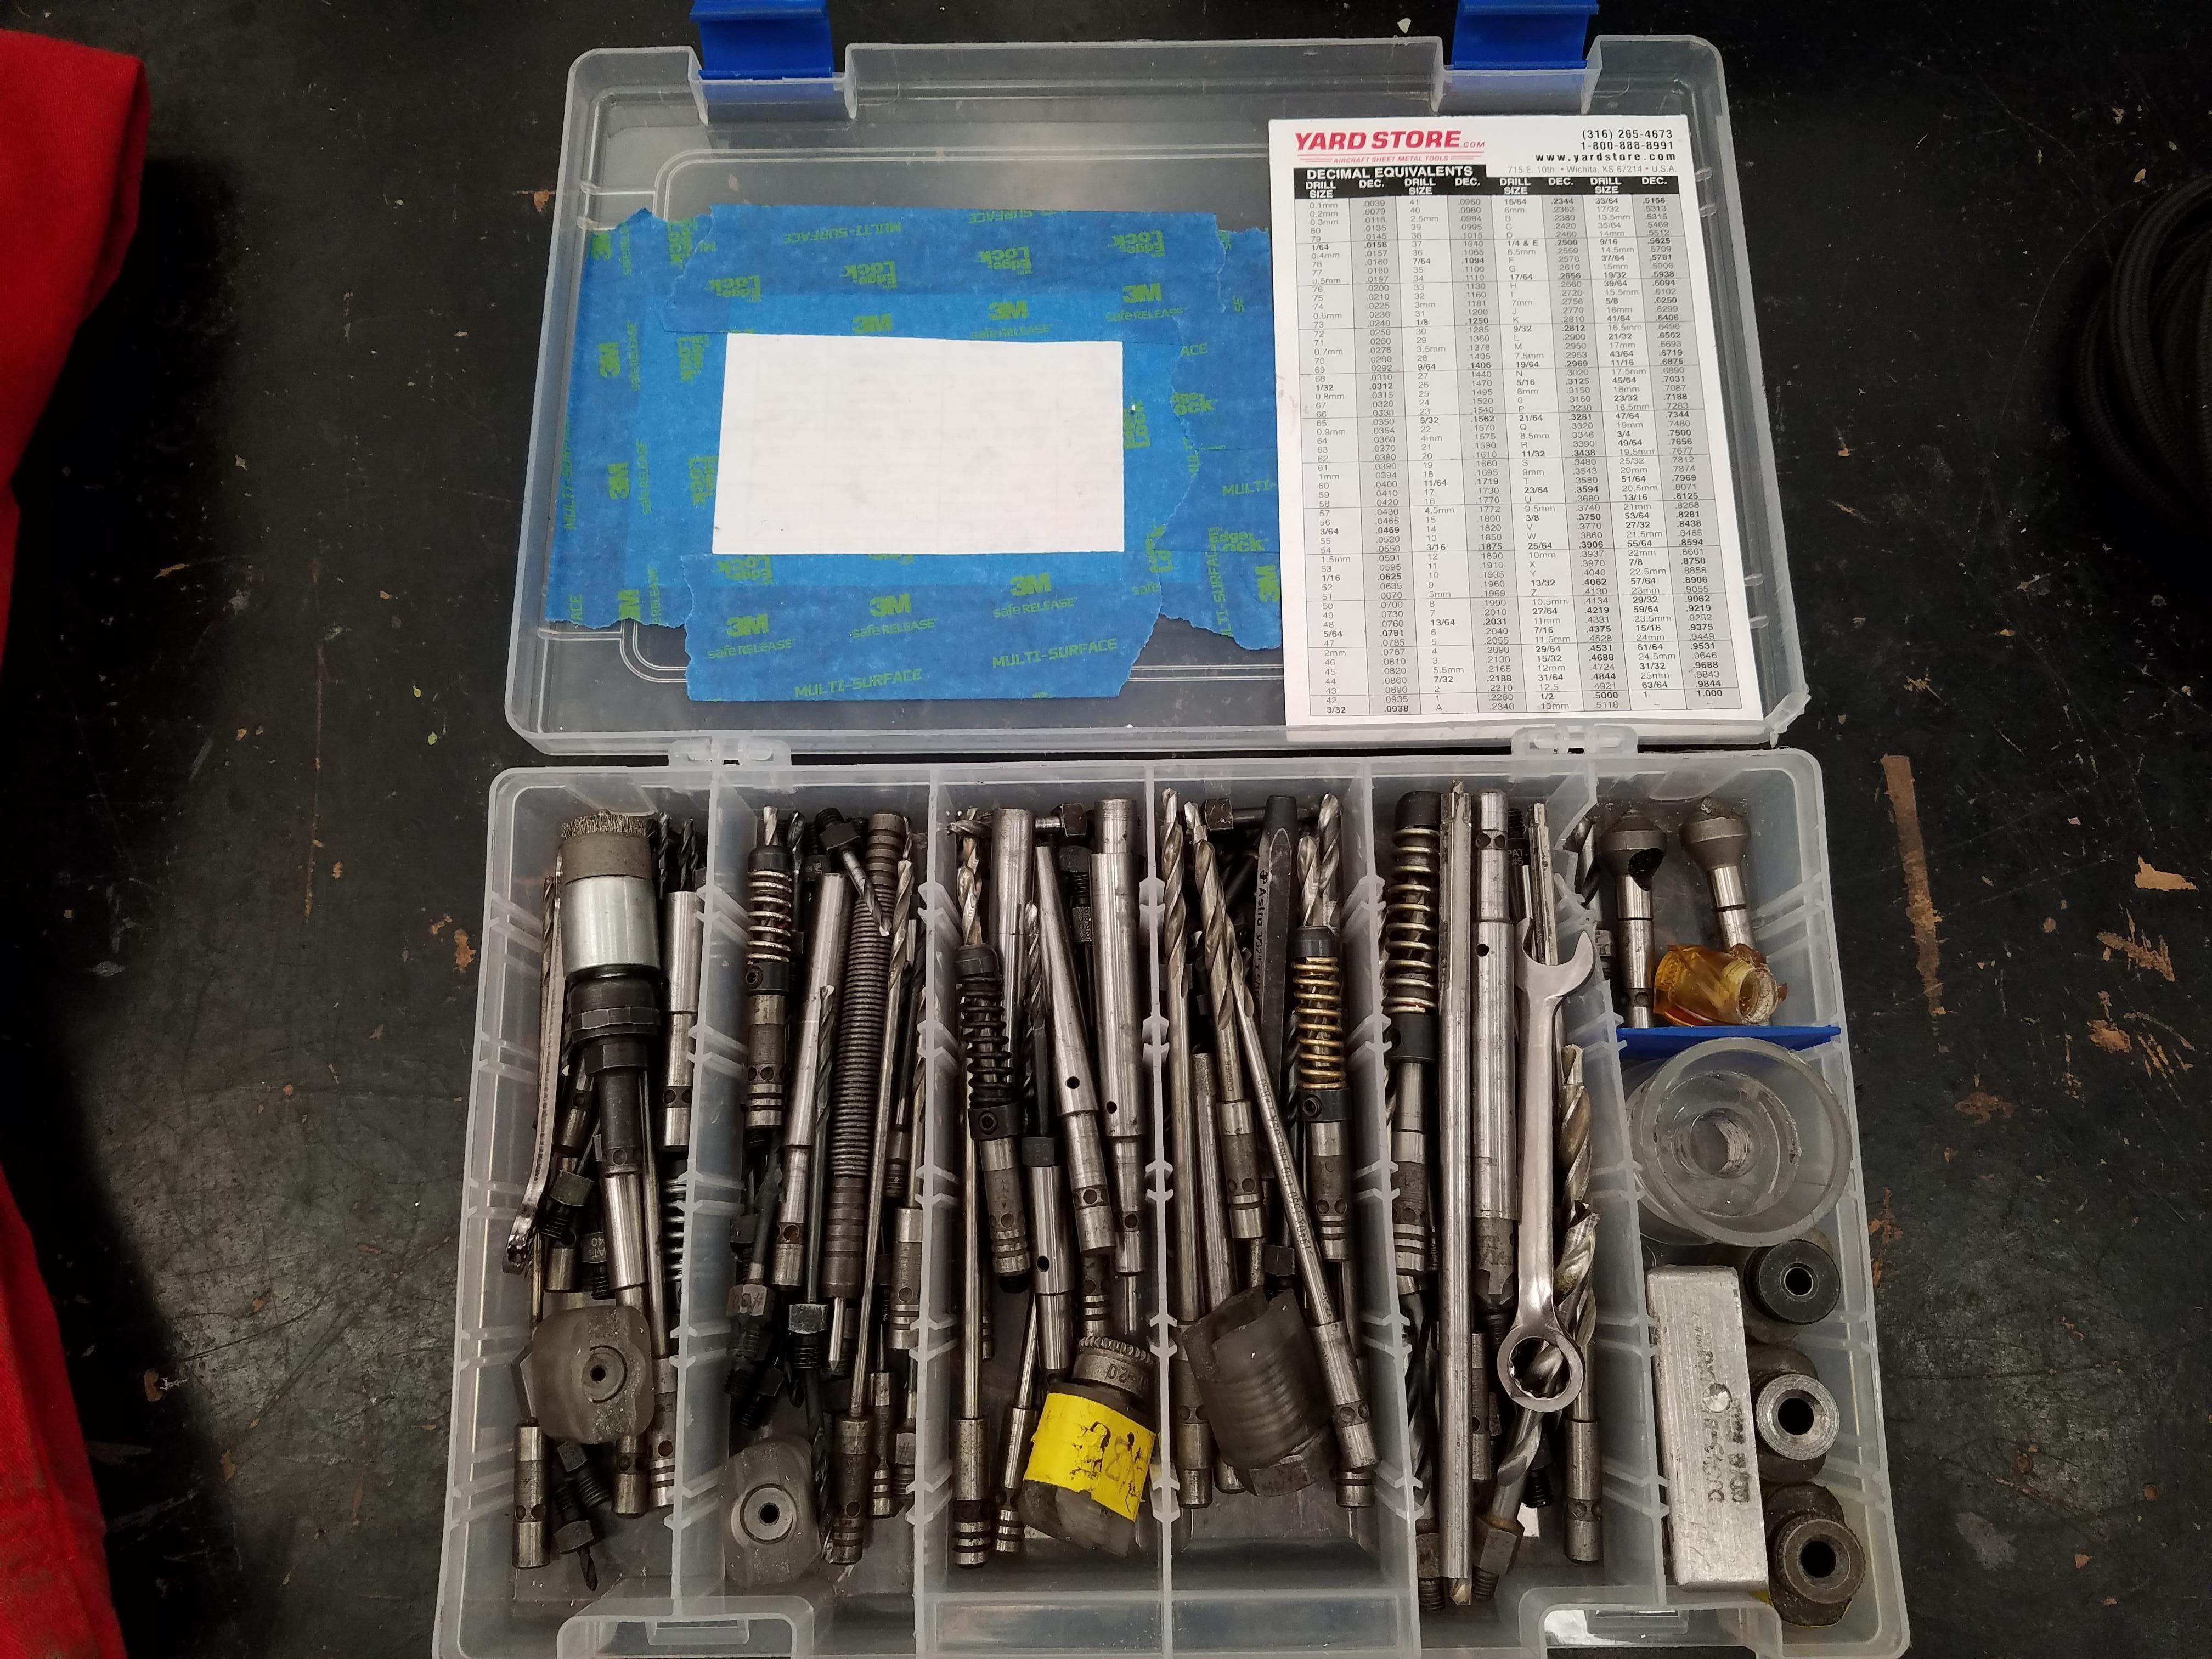 drill bit porn [4032x3024] | toolporn | pinterest | drill bit and drills